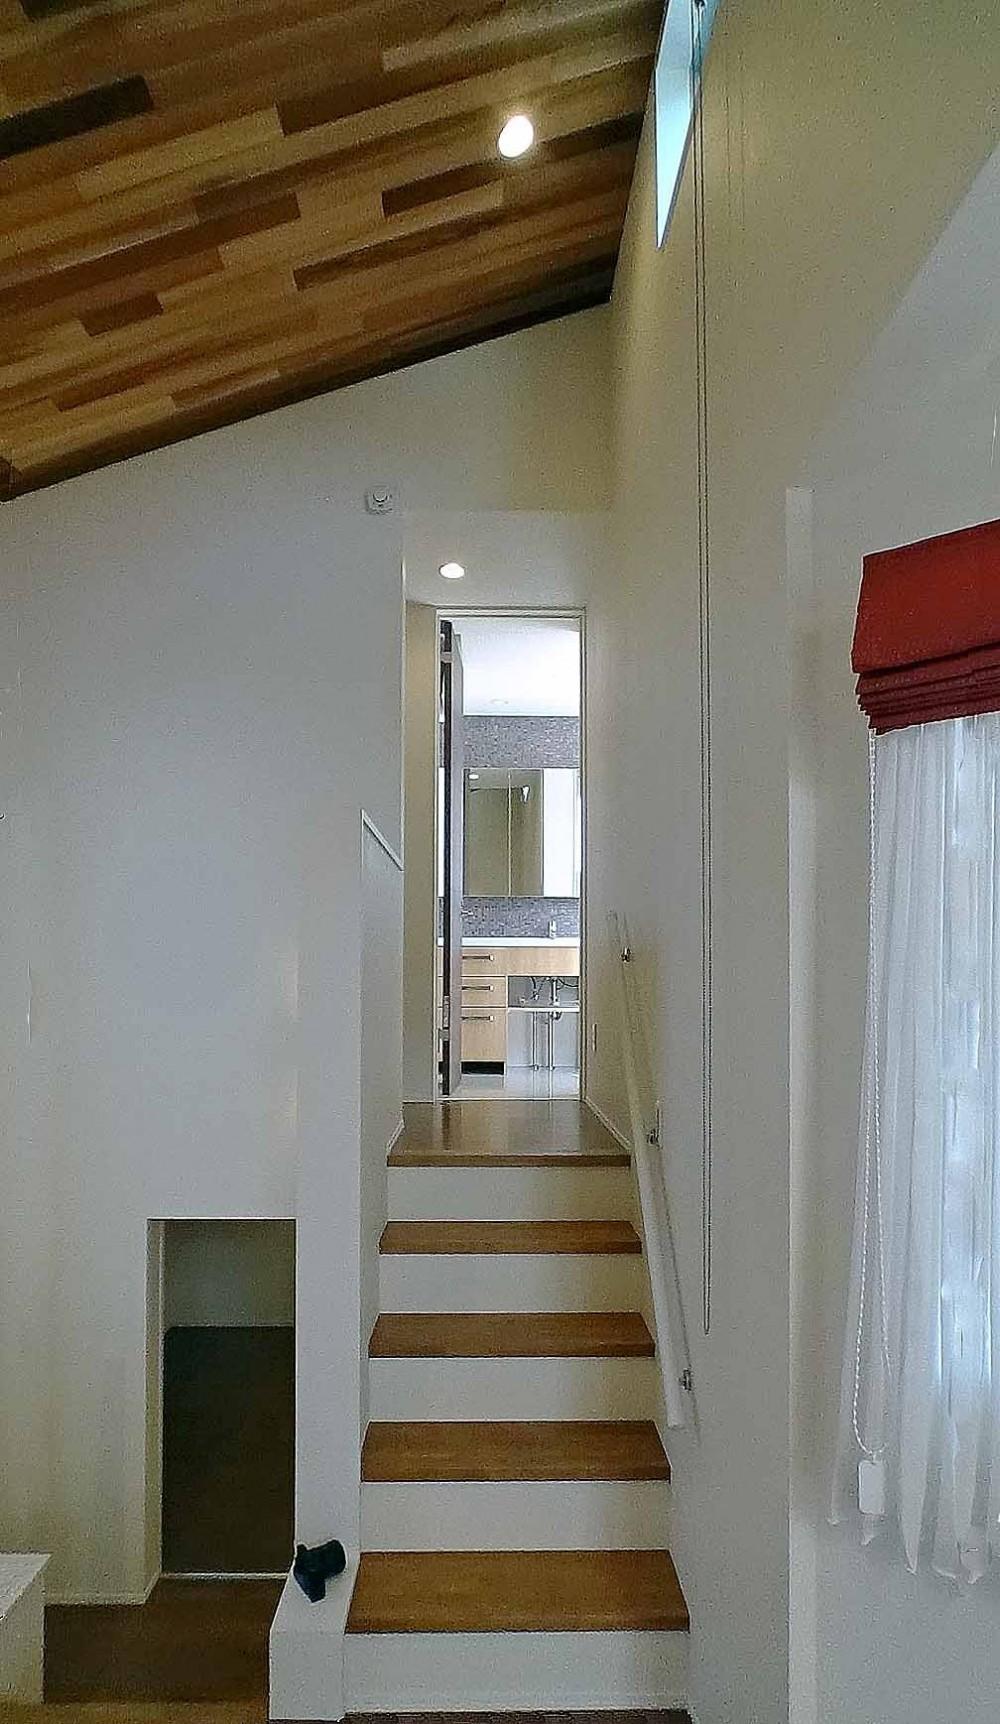 スキップフロア・蔵収納 (蔵収納~リビング~水廻り室と流れるスキップフロア)